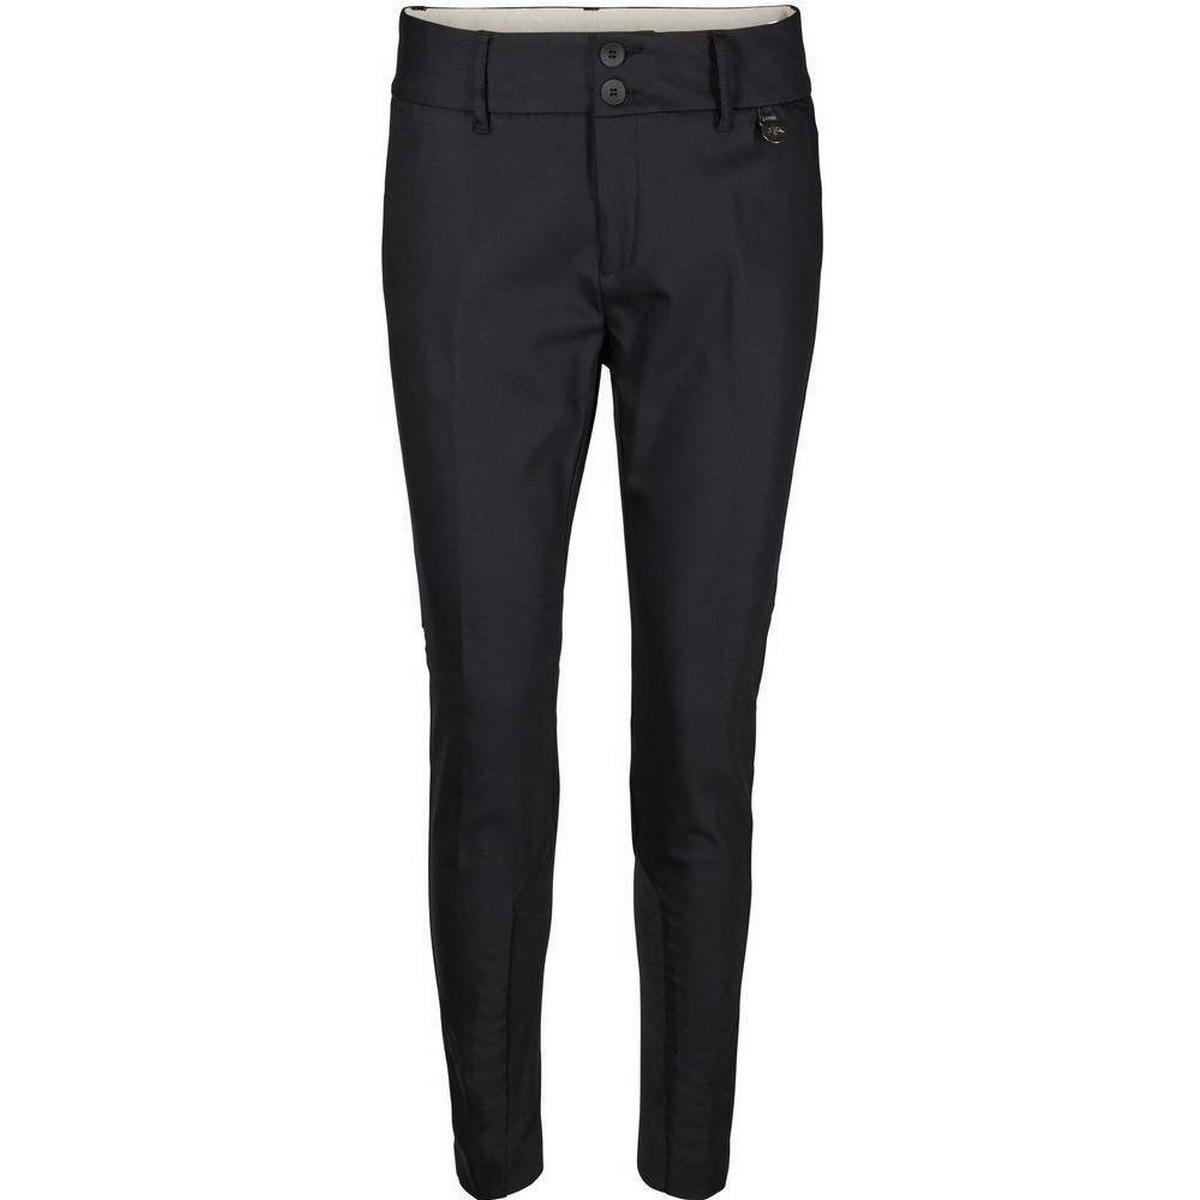 Mos mosh bukser Dametøj • Find billigste pris hos